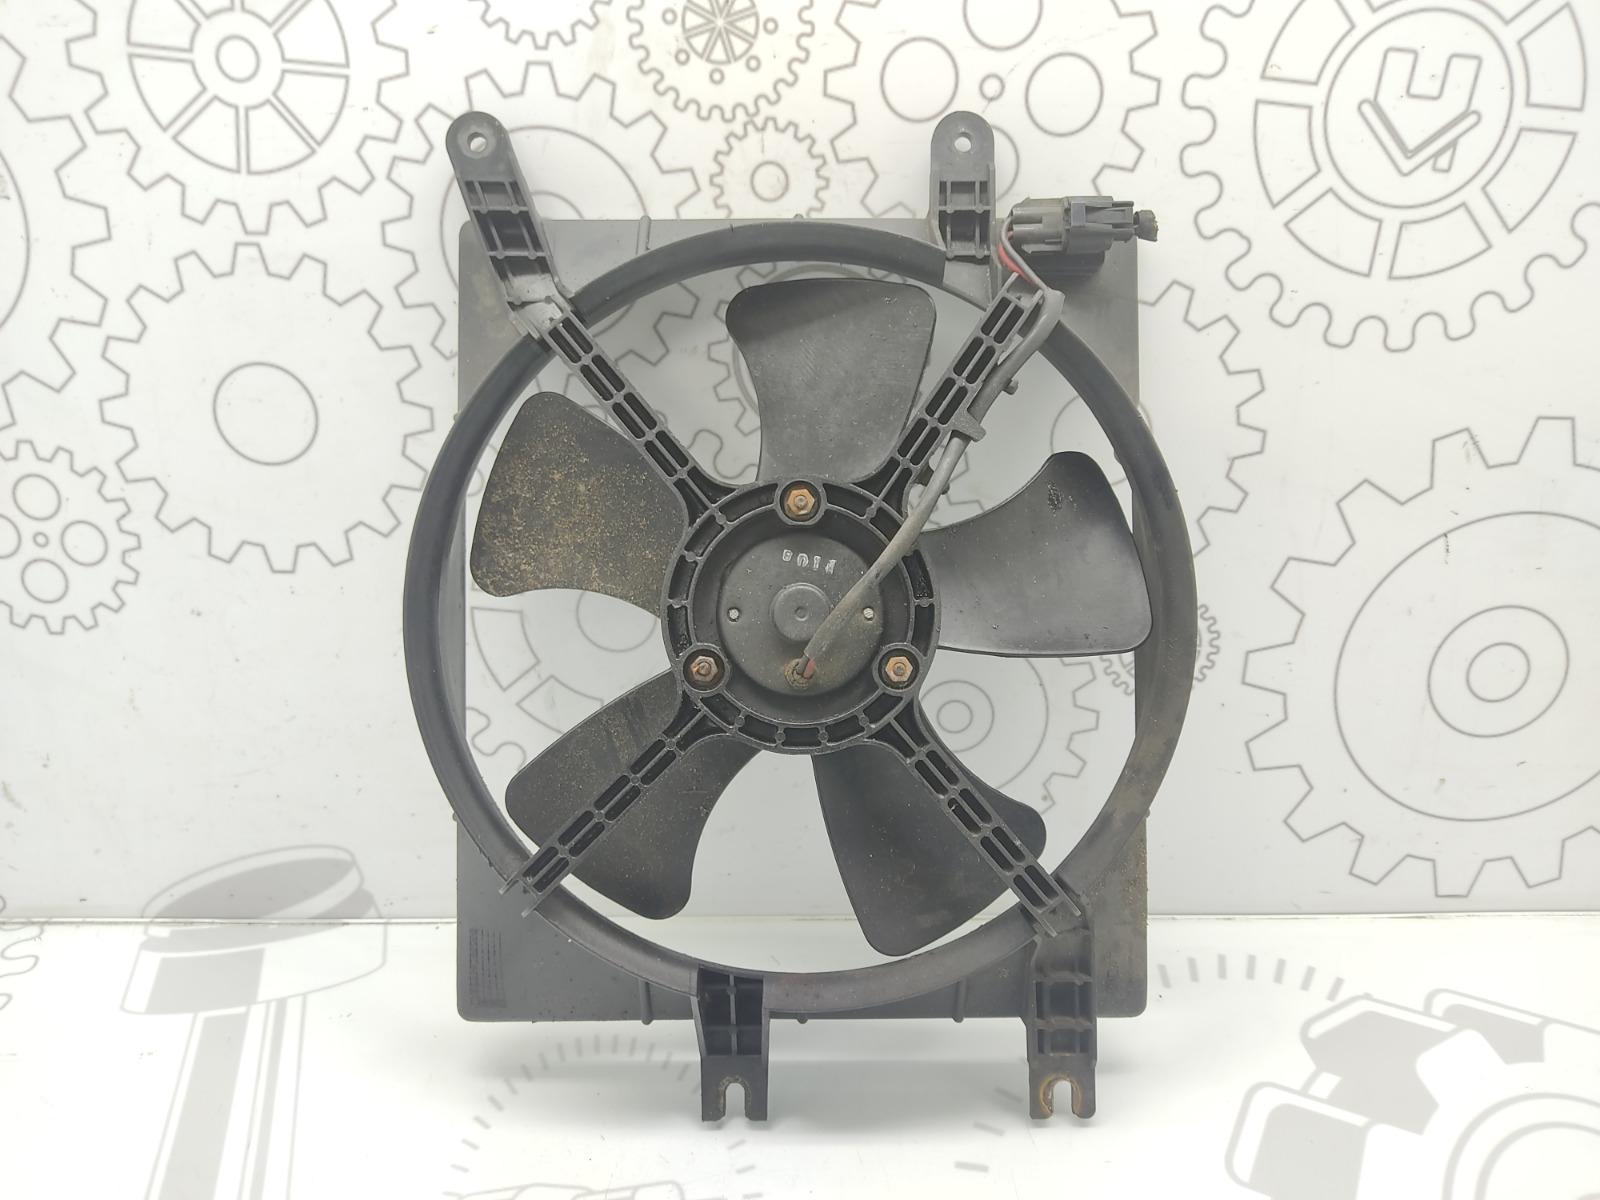 Вентилятор радиатора Chevrolet Lacetti 1.6 I 2007 (б/у)